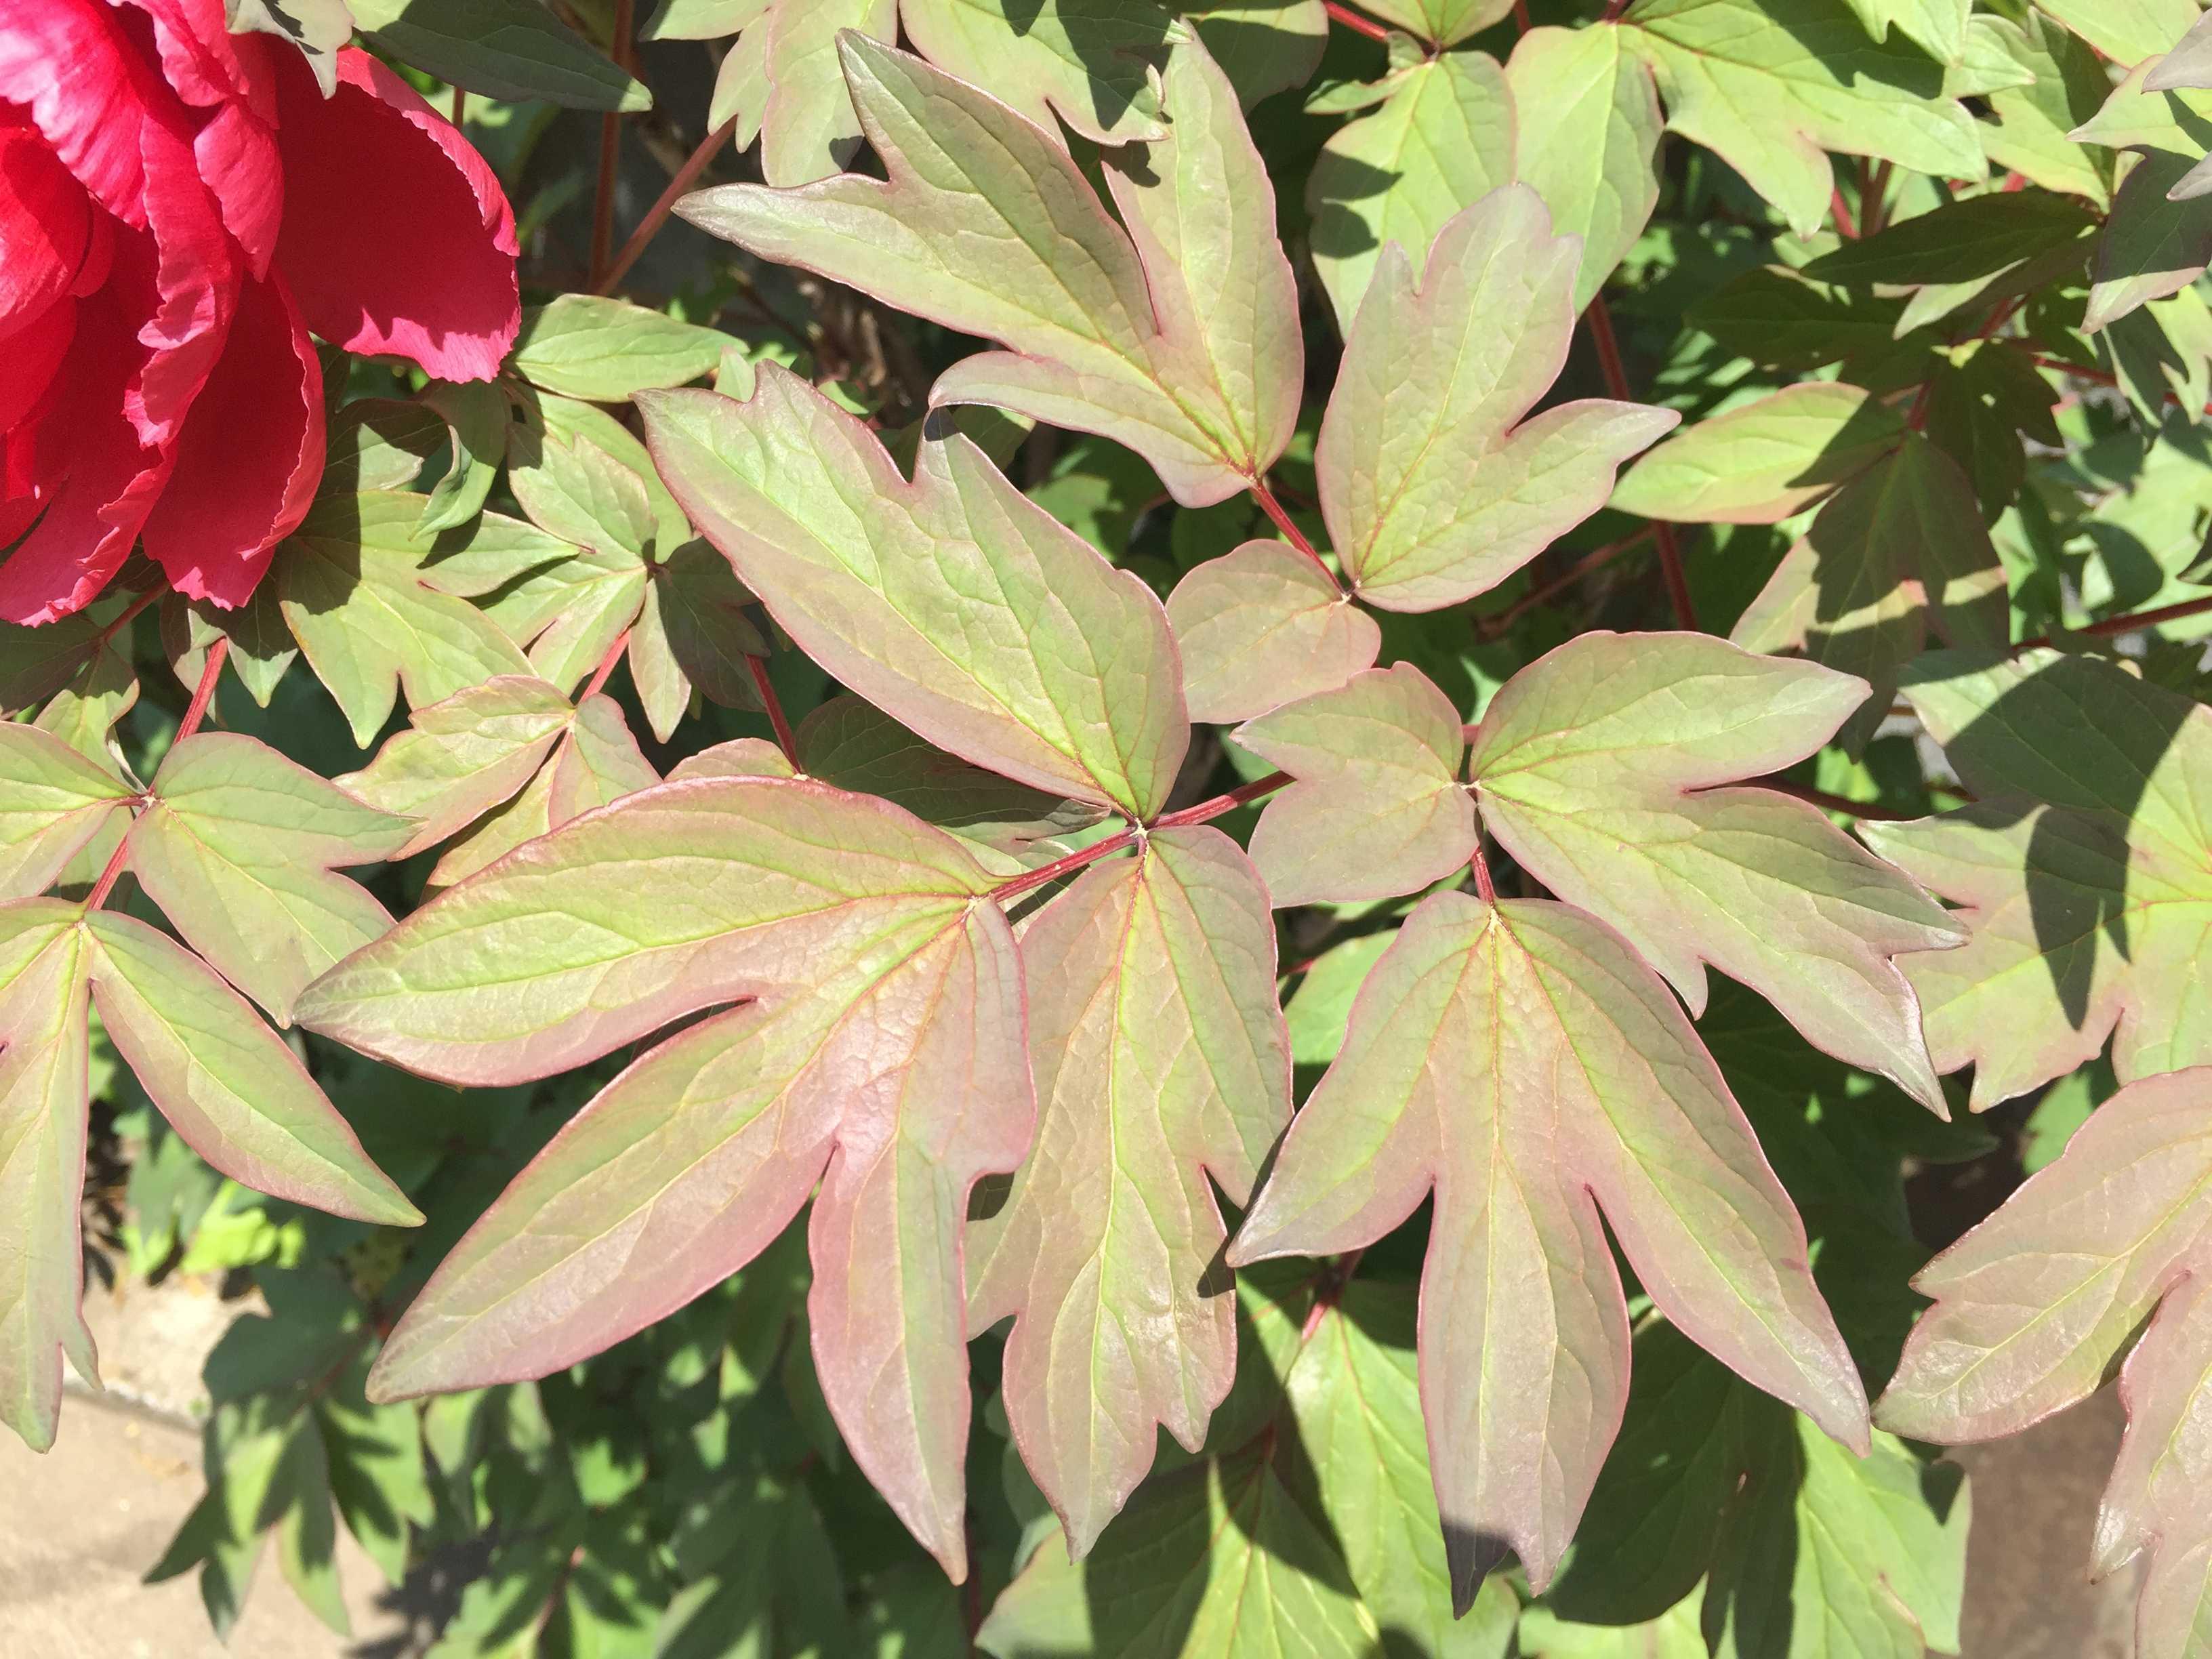 真っ赤な牡丹(ボタン)の葉っぱ